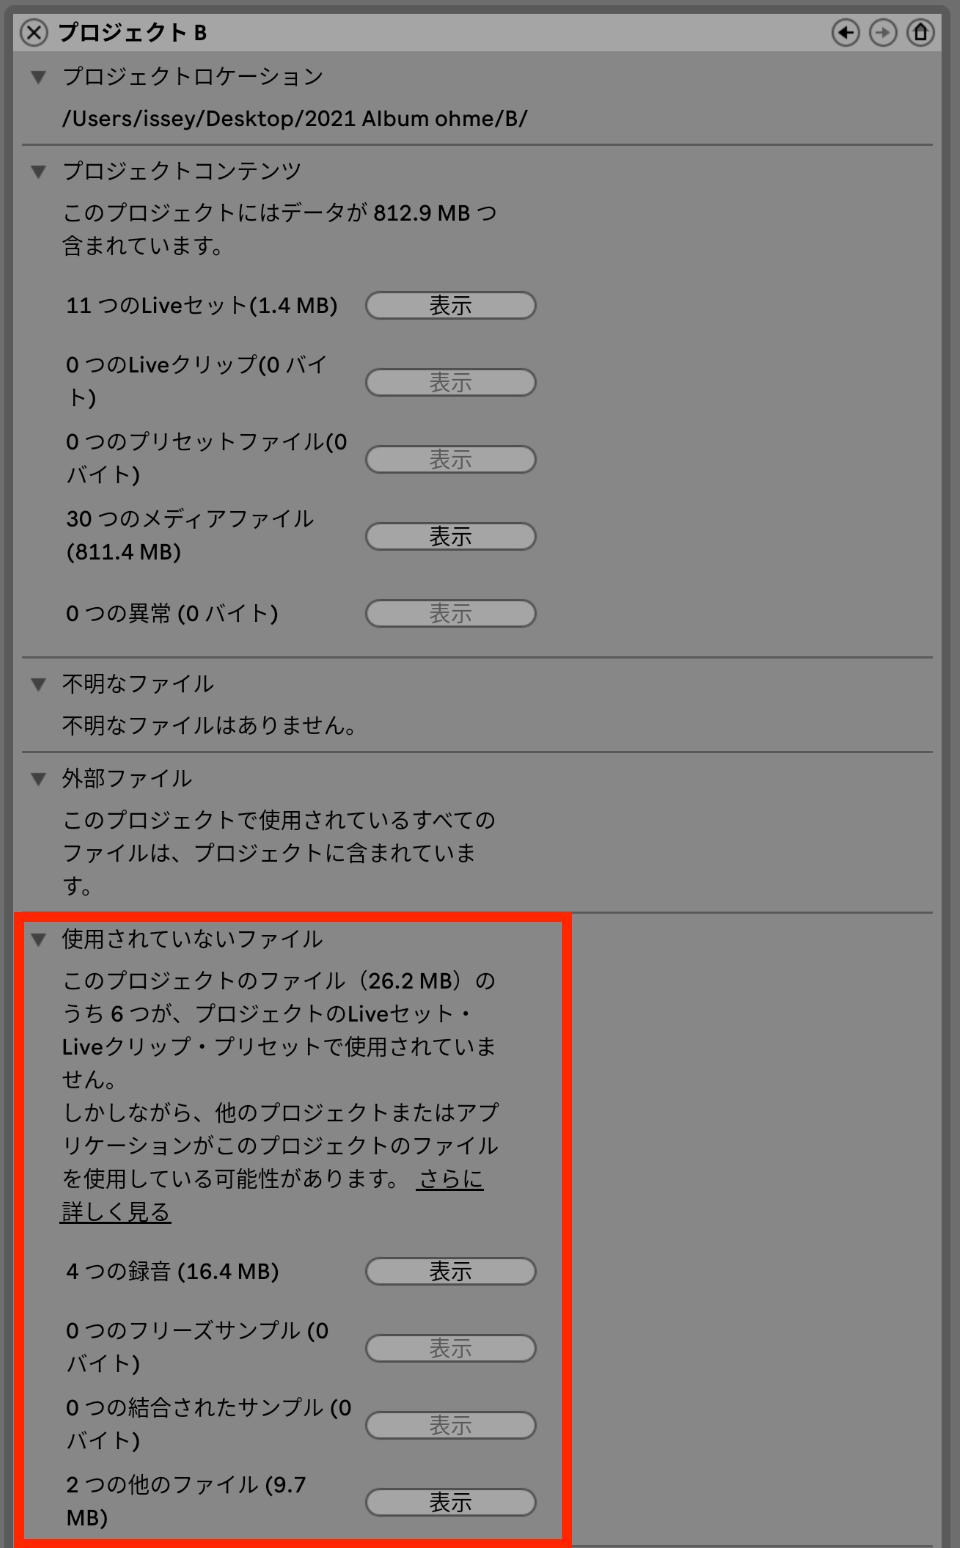 Ableton Liveの使用されていないファイル